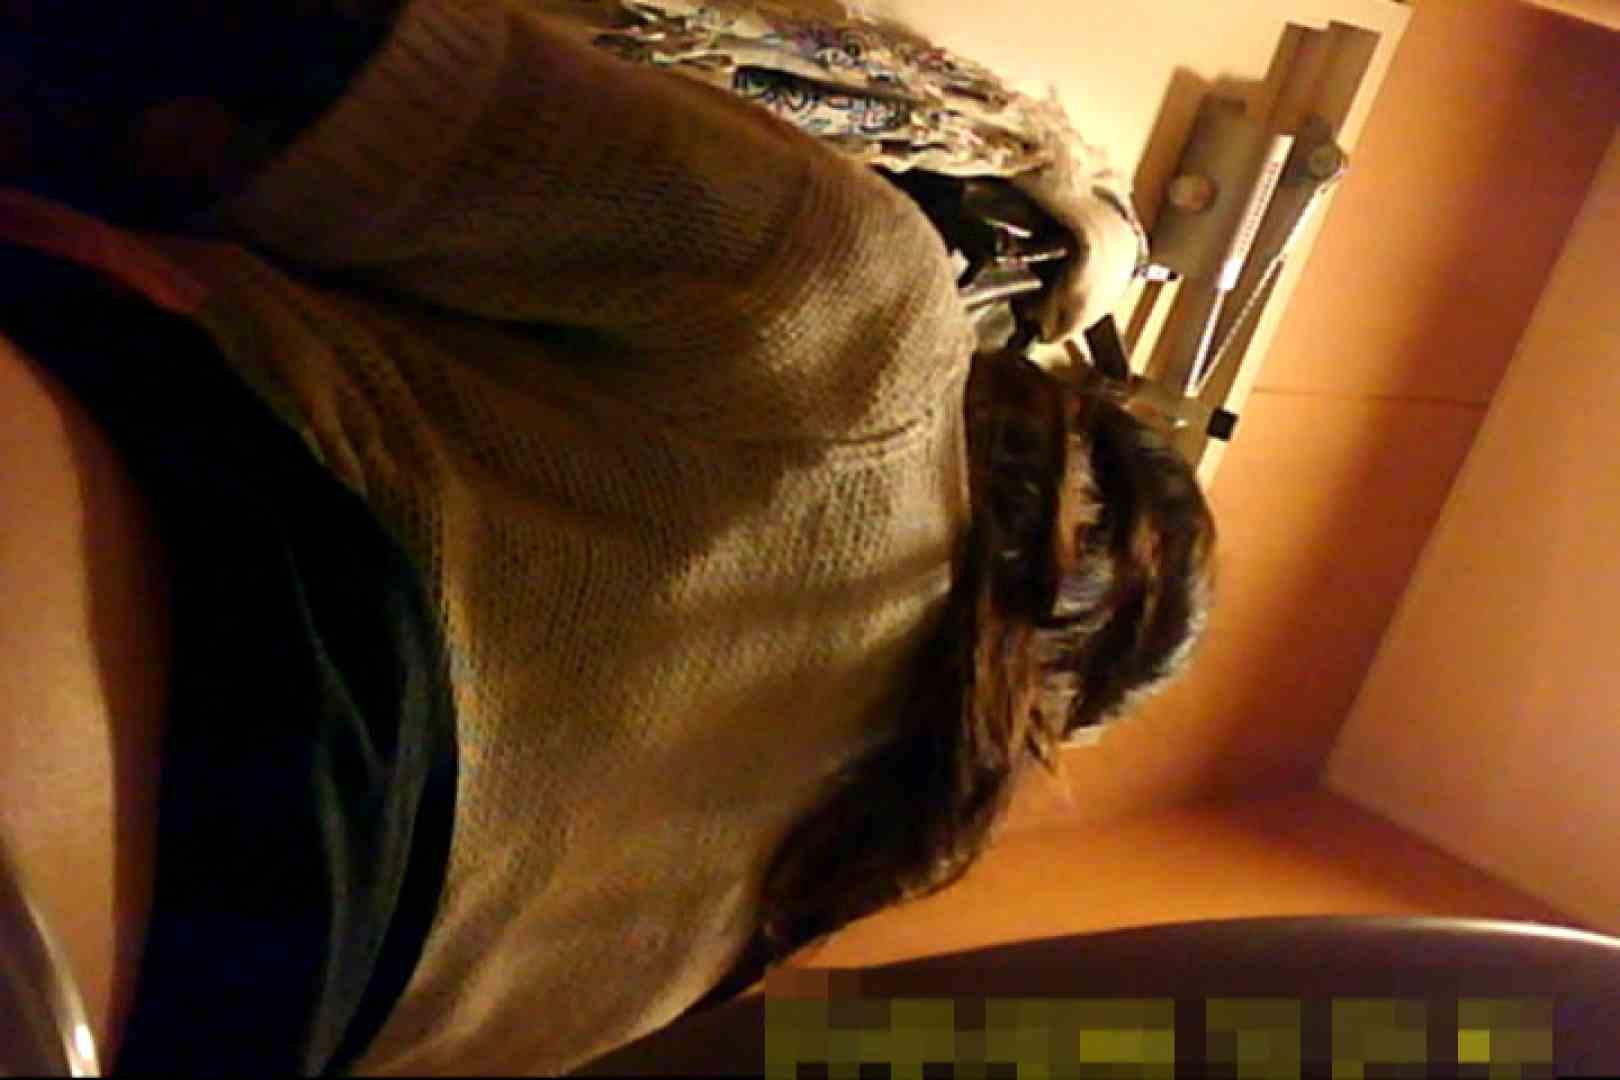 魅惑の化粧室~禁断のプライベート空間~18 OLヌード天国 | プライベート投稿  104PIX 22